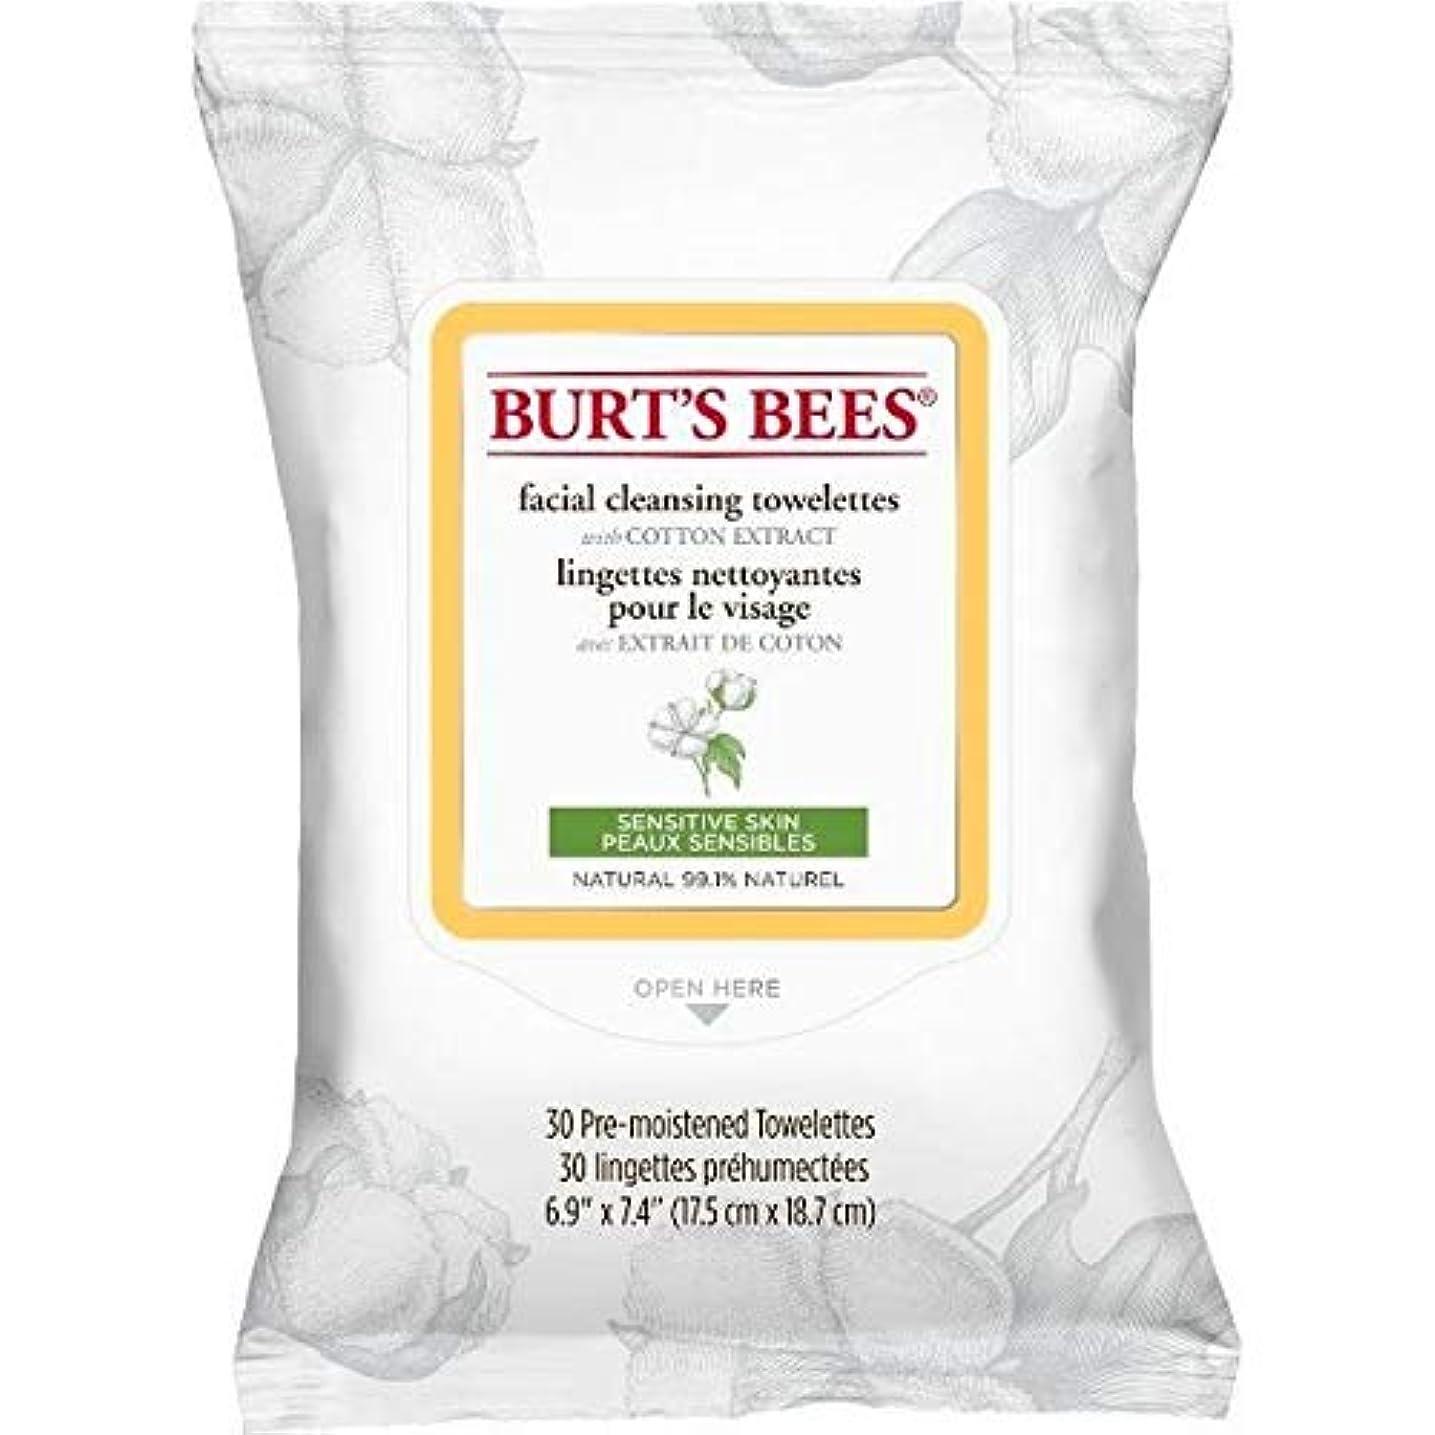 月エコー決めます[Burt's Bees ] バーツビー敏感な顔の浄化用ペーパータオルエキスX30 - Burt's Bees Sensitive Facial Cleanse Towelettes Extract x30 [並行輸入品]